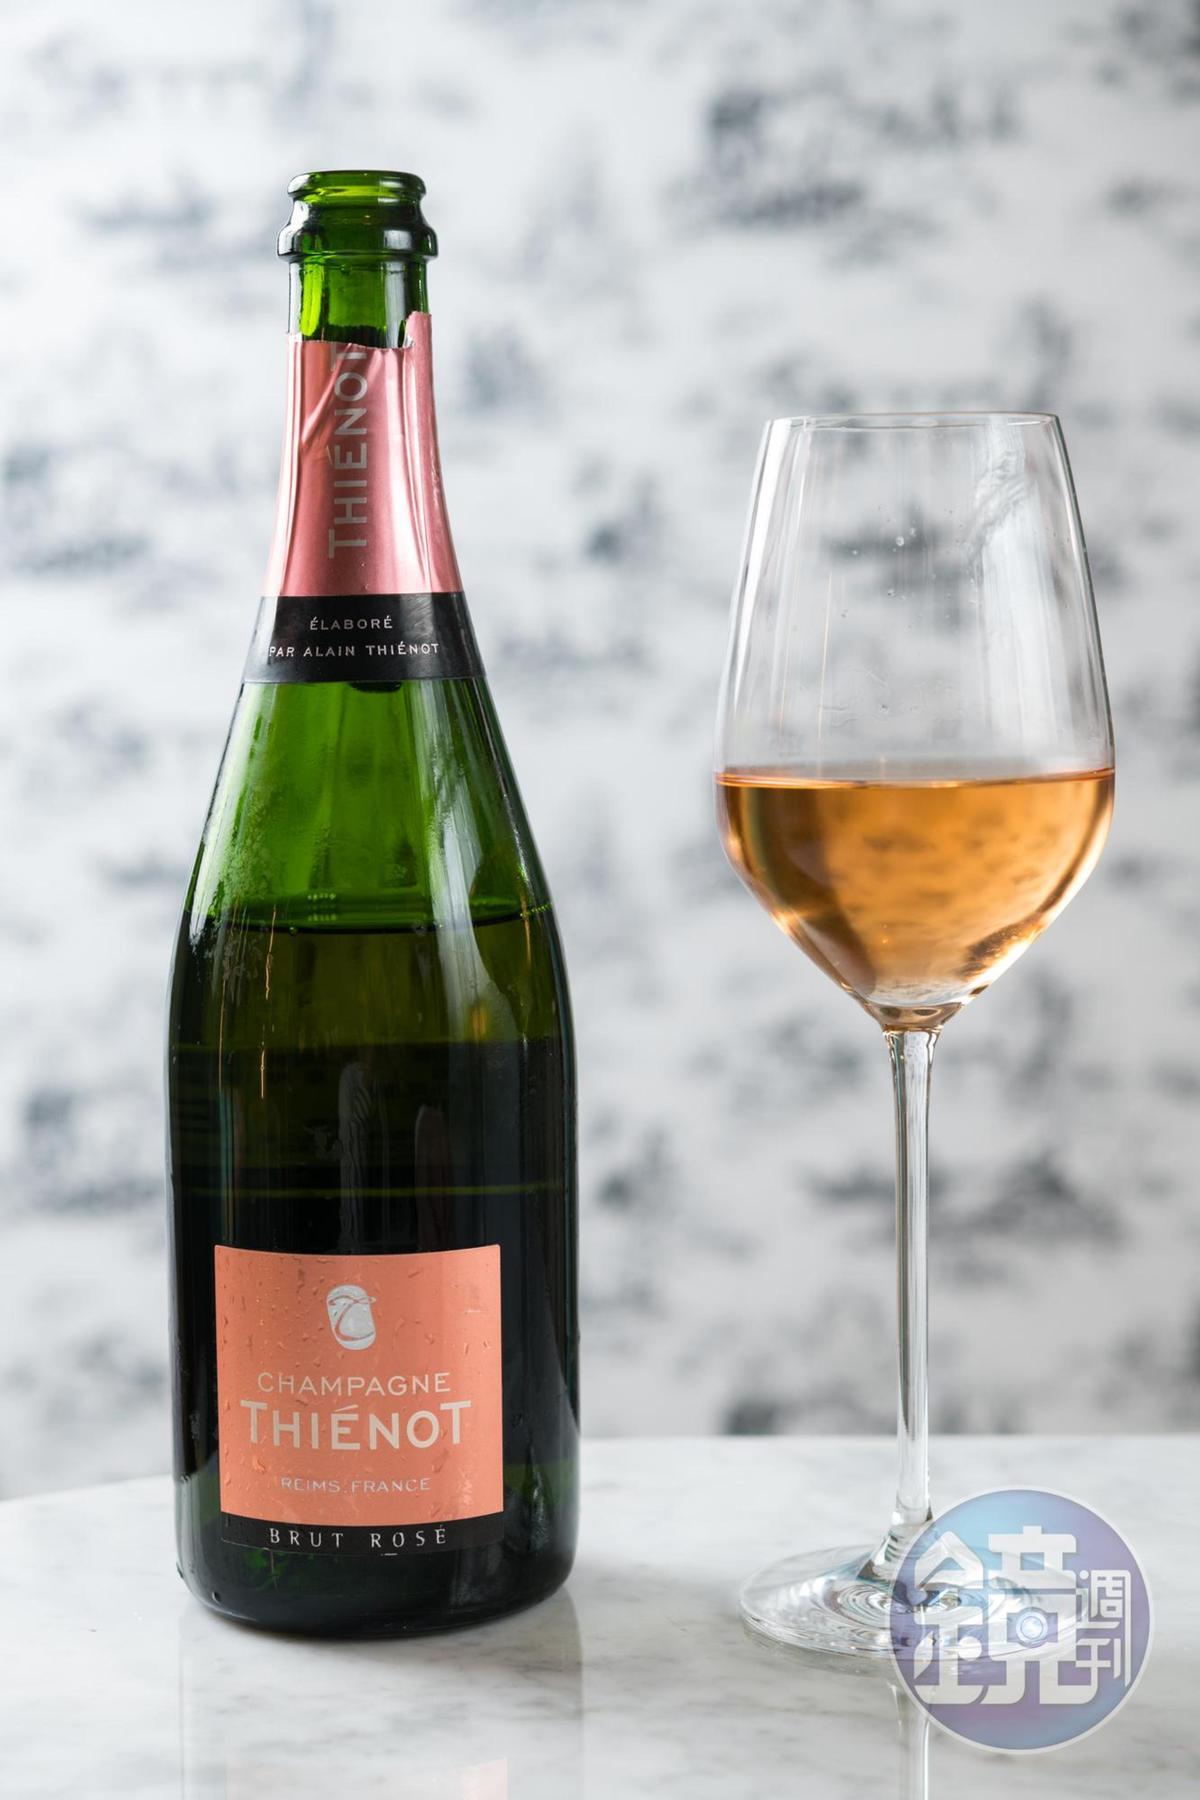 帶有馥郁紅色水果香氣的「 Thiénot, Brut Rose」,圓潤滑順,適合搭配口感濃郁的甜點。(酒堡,3,299元/瓶)